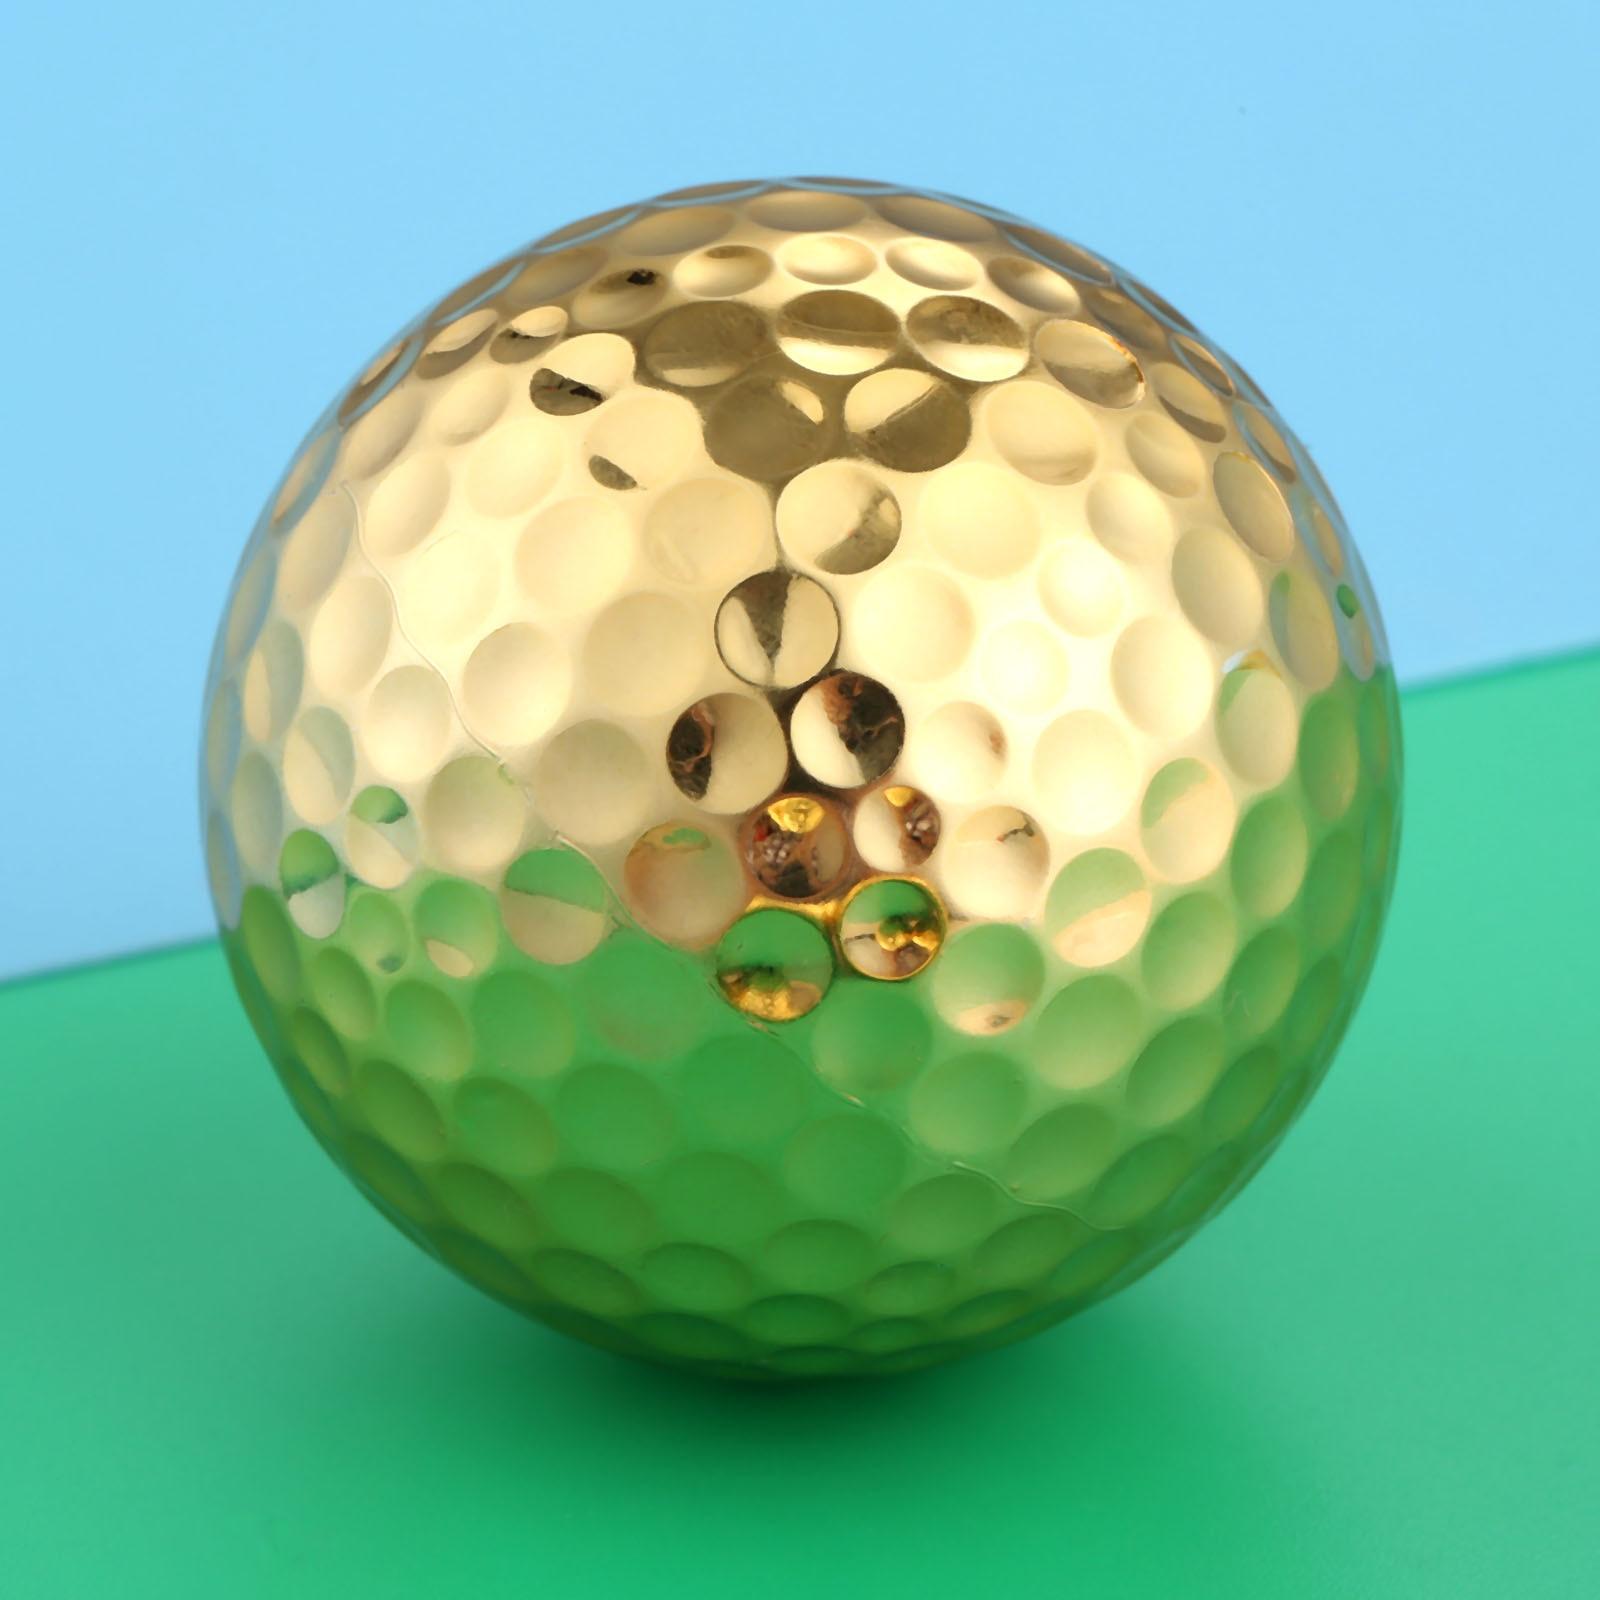 cor bolas golfe prática bolas golfe golfe